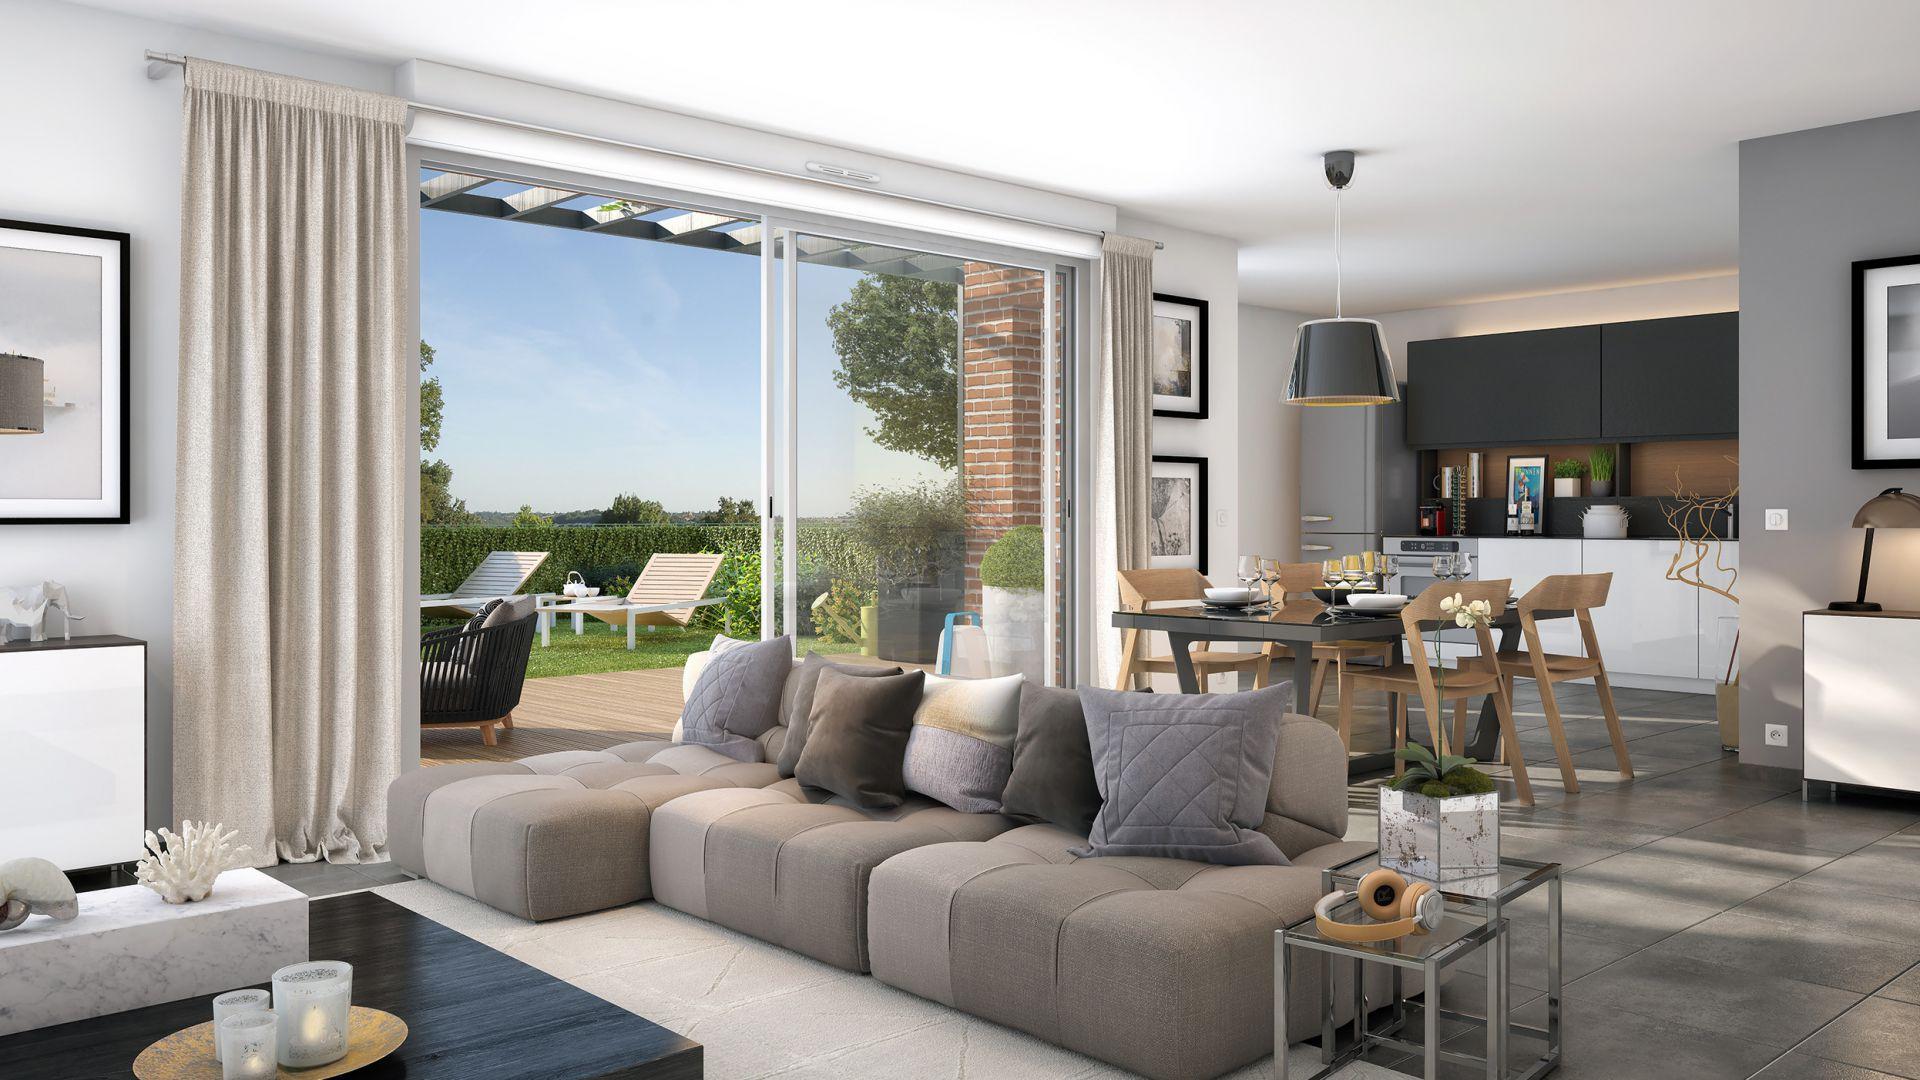 GreenCity Immobilier-La Bastide D'Adèle-Tournefeuille-31170-Villa T5 intérieur